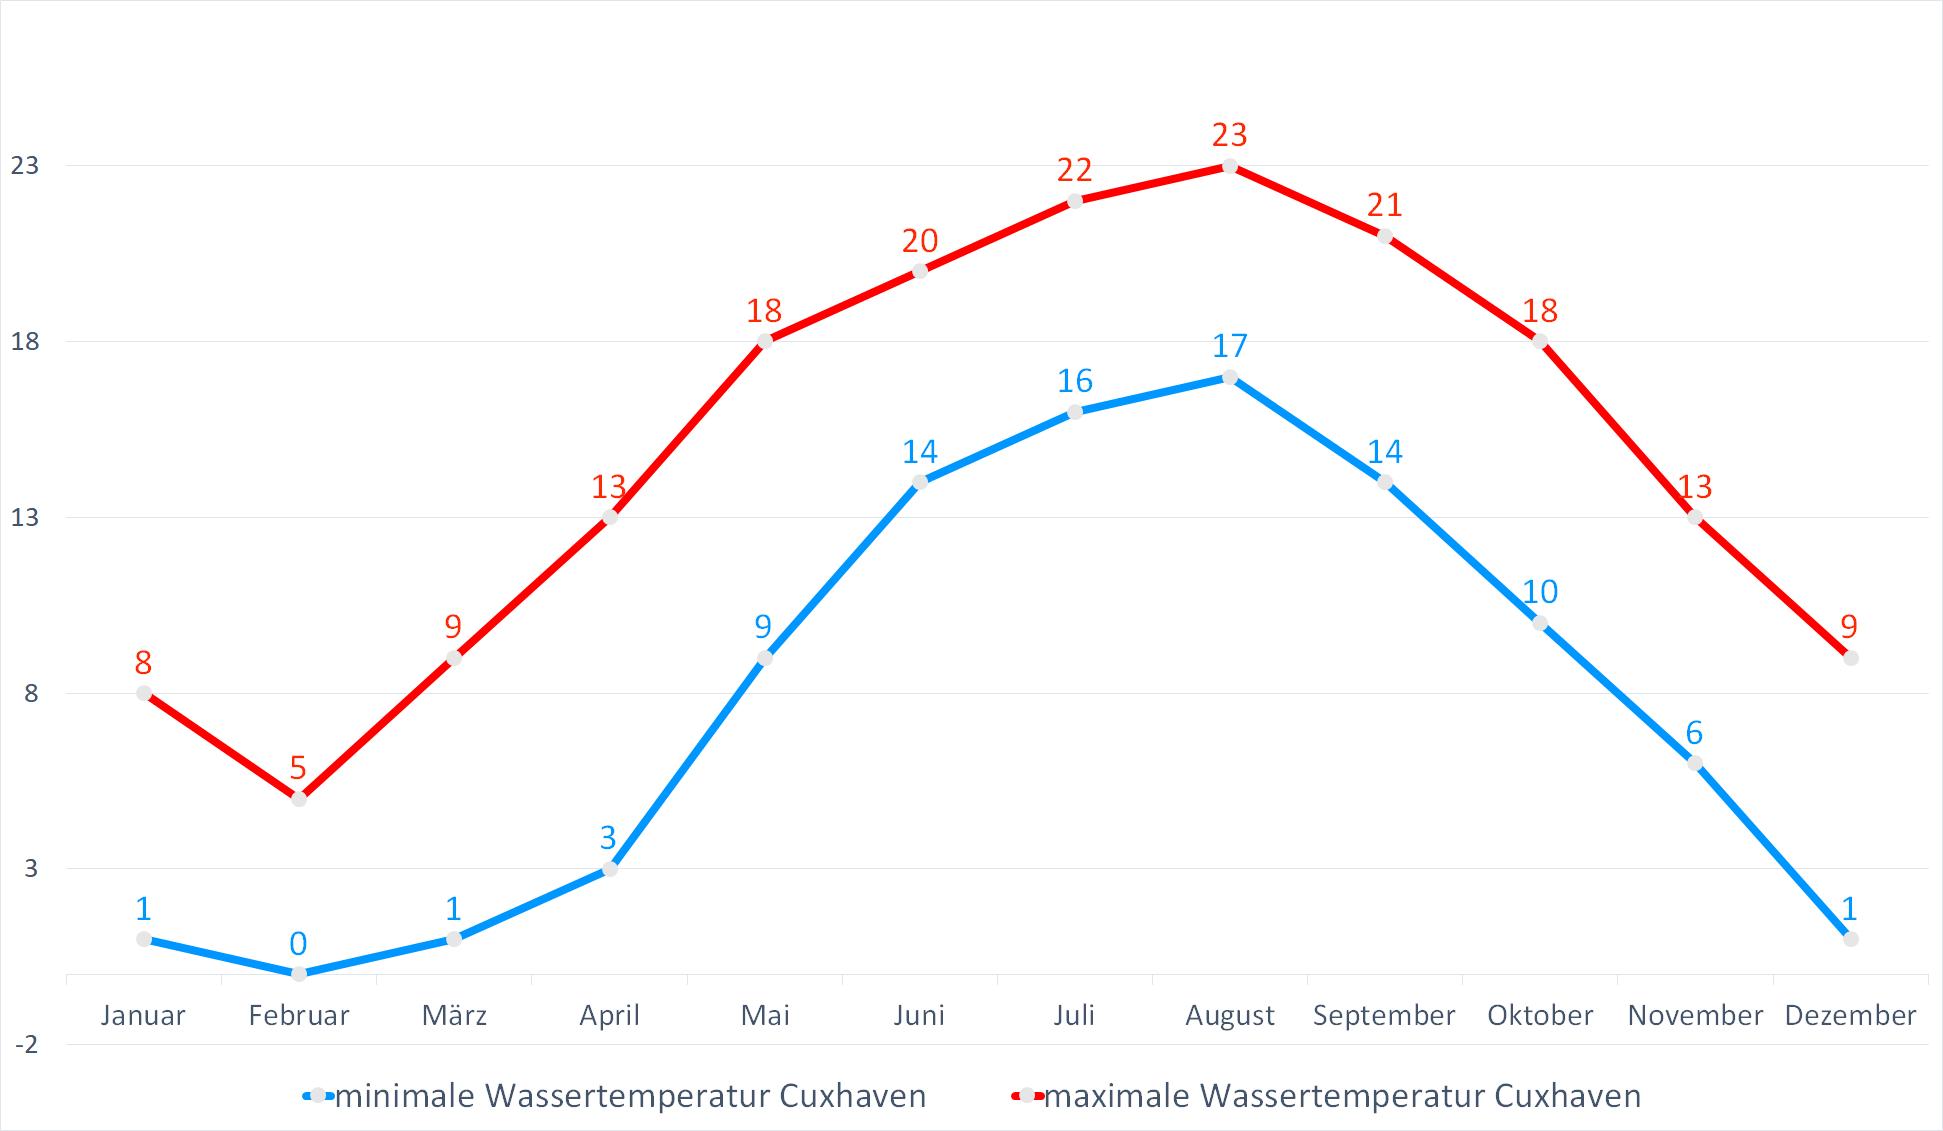 Minimale & Maximale Wassertemperaturen für Cuxhaven im Jahresverlauf